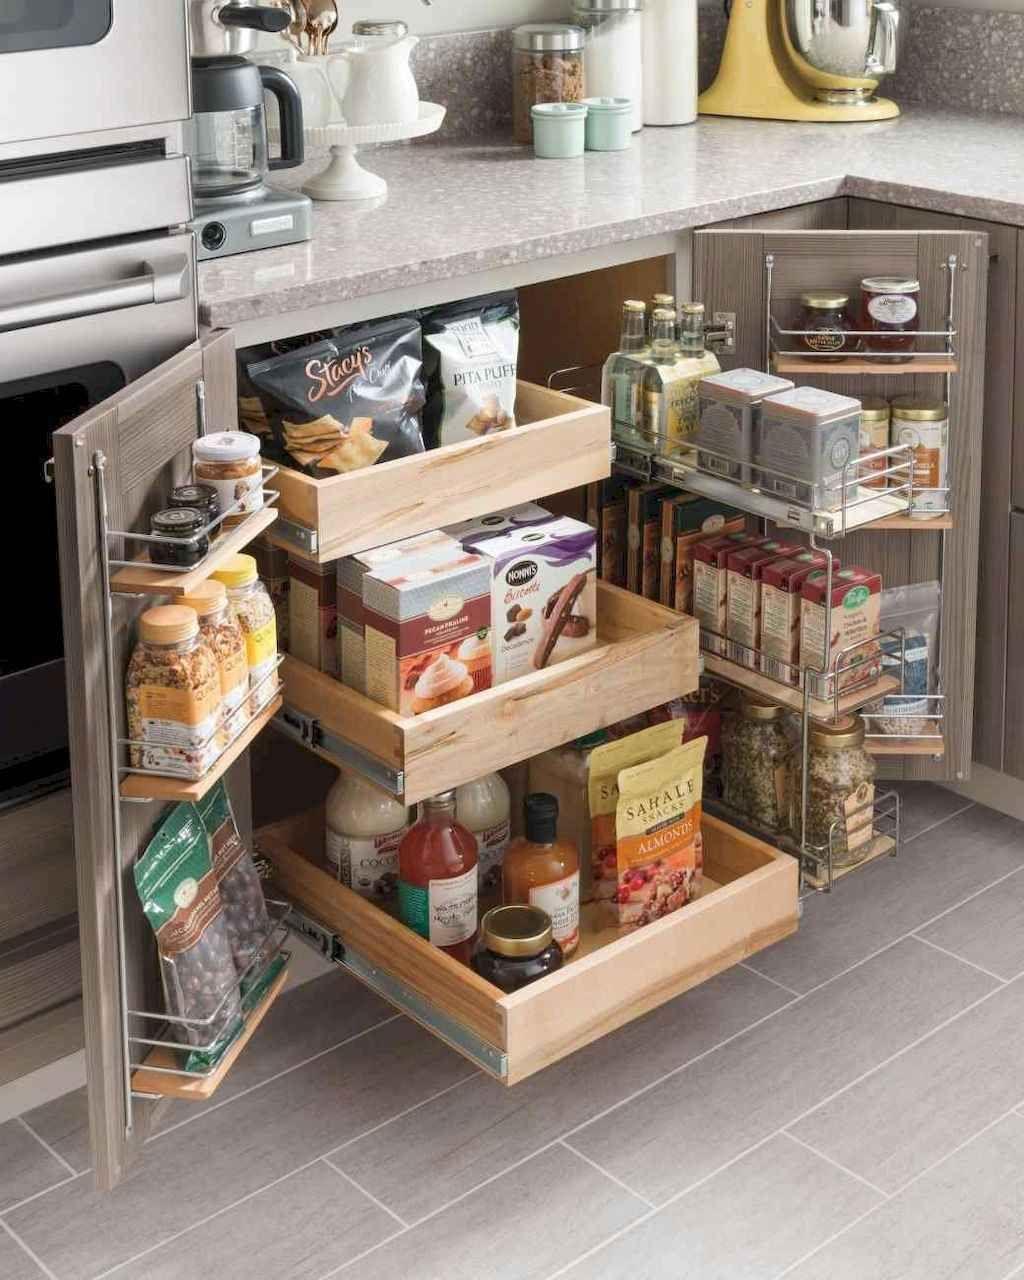 01 Platzsparende Aufbewahrungslösung für kleine Häuser und Tipps – homixover.com  – Tiny Home – küchenschränke